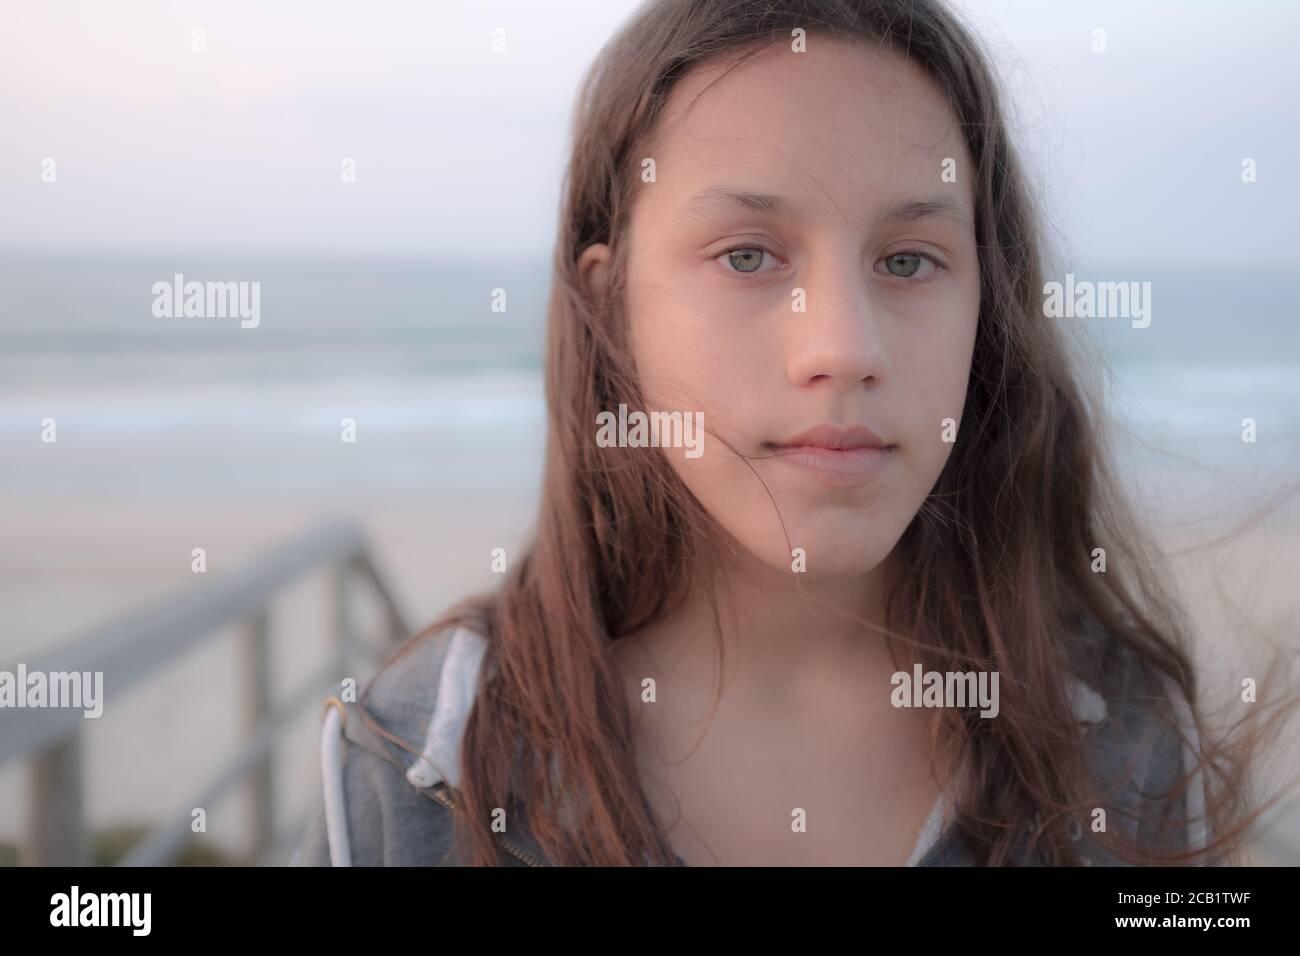 Ritratto di una ragazza adolescente con lunghi capelli marroni e occhi verdi guardando la fotocamera. Donna giovane seria con capelli lunghi e ondulati. Foto Stock